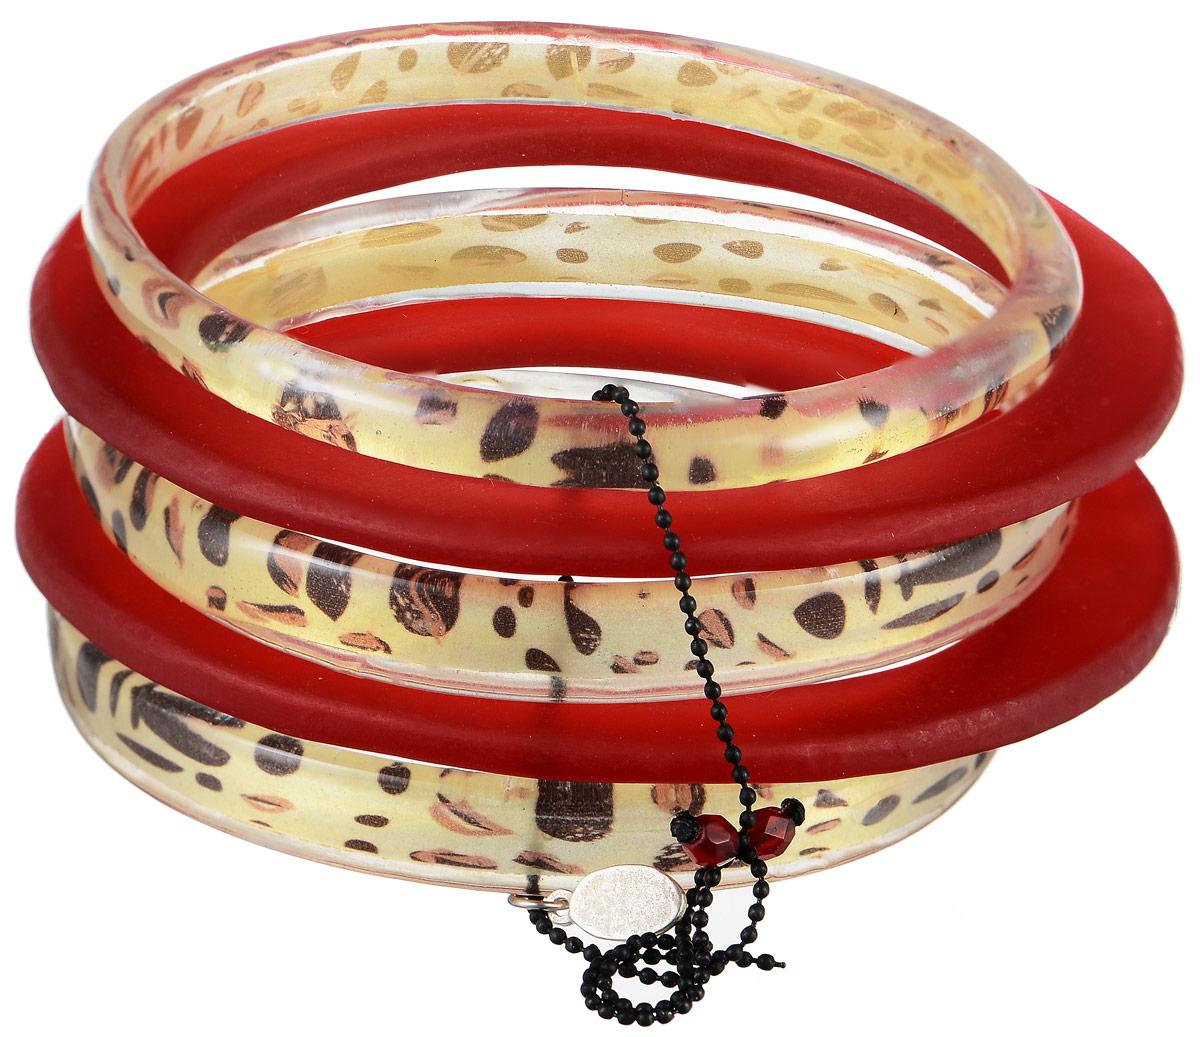 Браслет Lalo Treasures Precious Moments, цвет: красный, золотистый. B2447-3B2447-3Яркое комбинированное украшение Lalo Treasures Precious Moments включает пять браслетов, выполненных из ювелирной смолы с глянцевой и матовой поверхностью. Изделия оформлены анималистическим принтом. Стильный браслет поможет дополнить любой образ и привнести в него завершающий яркий штрих.